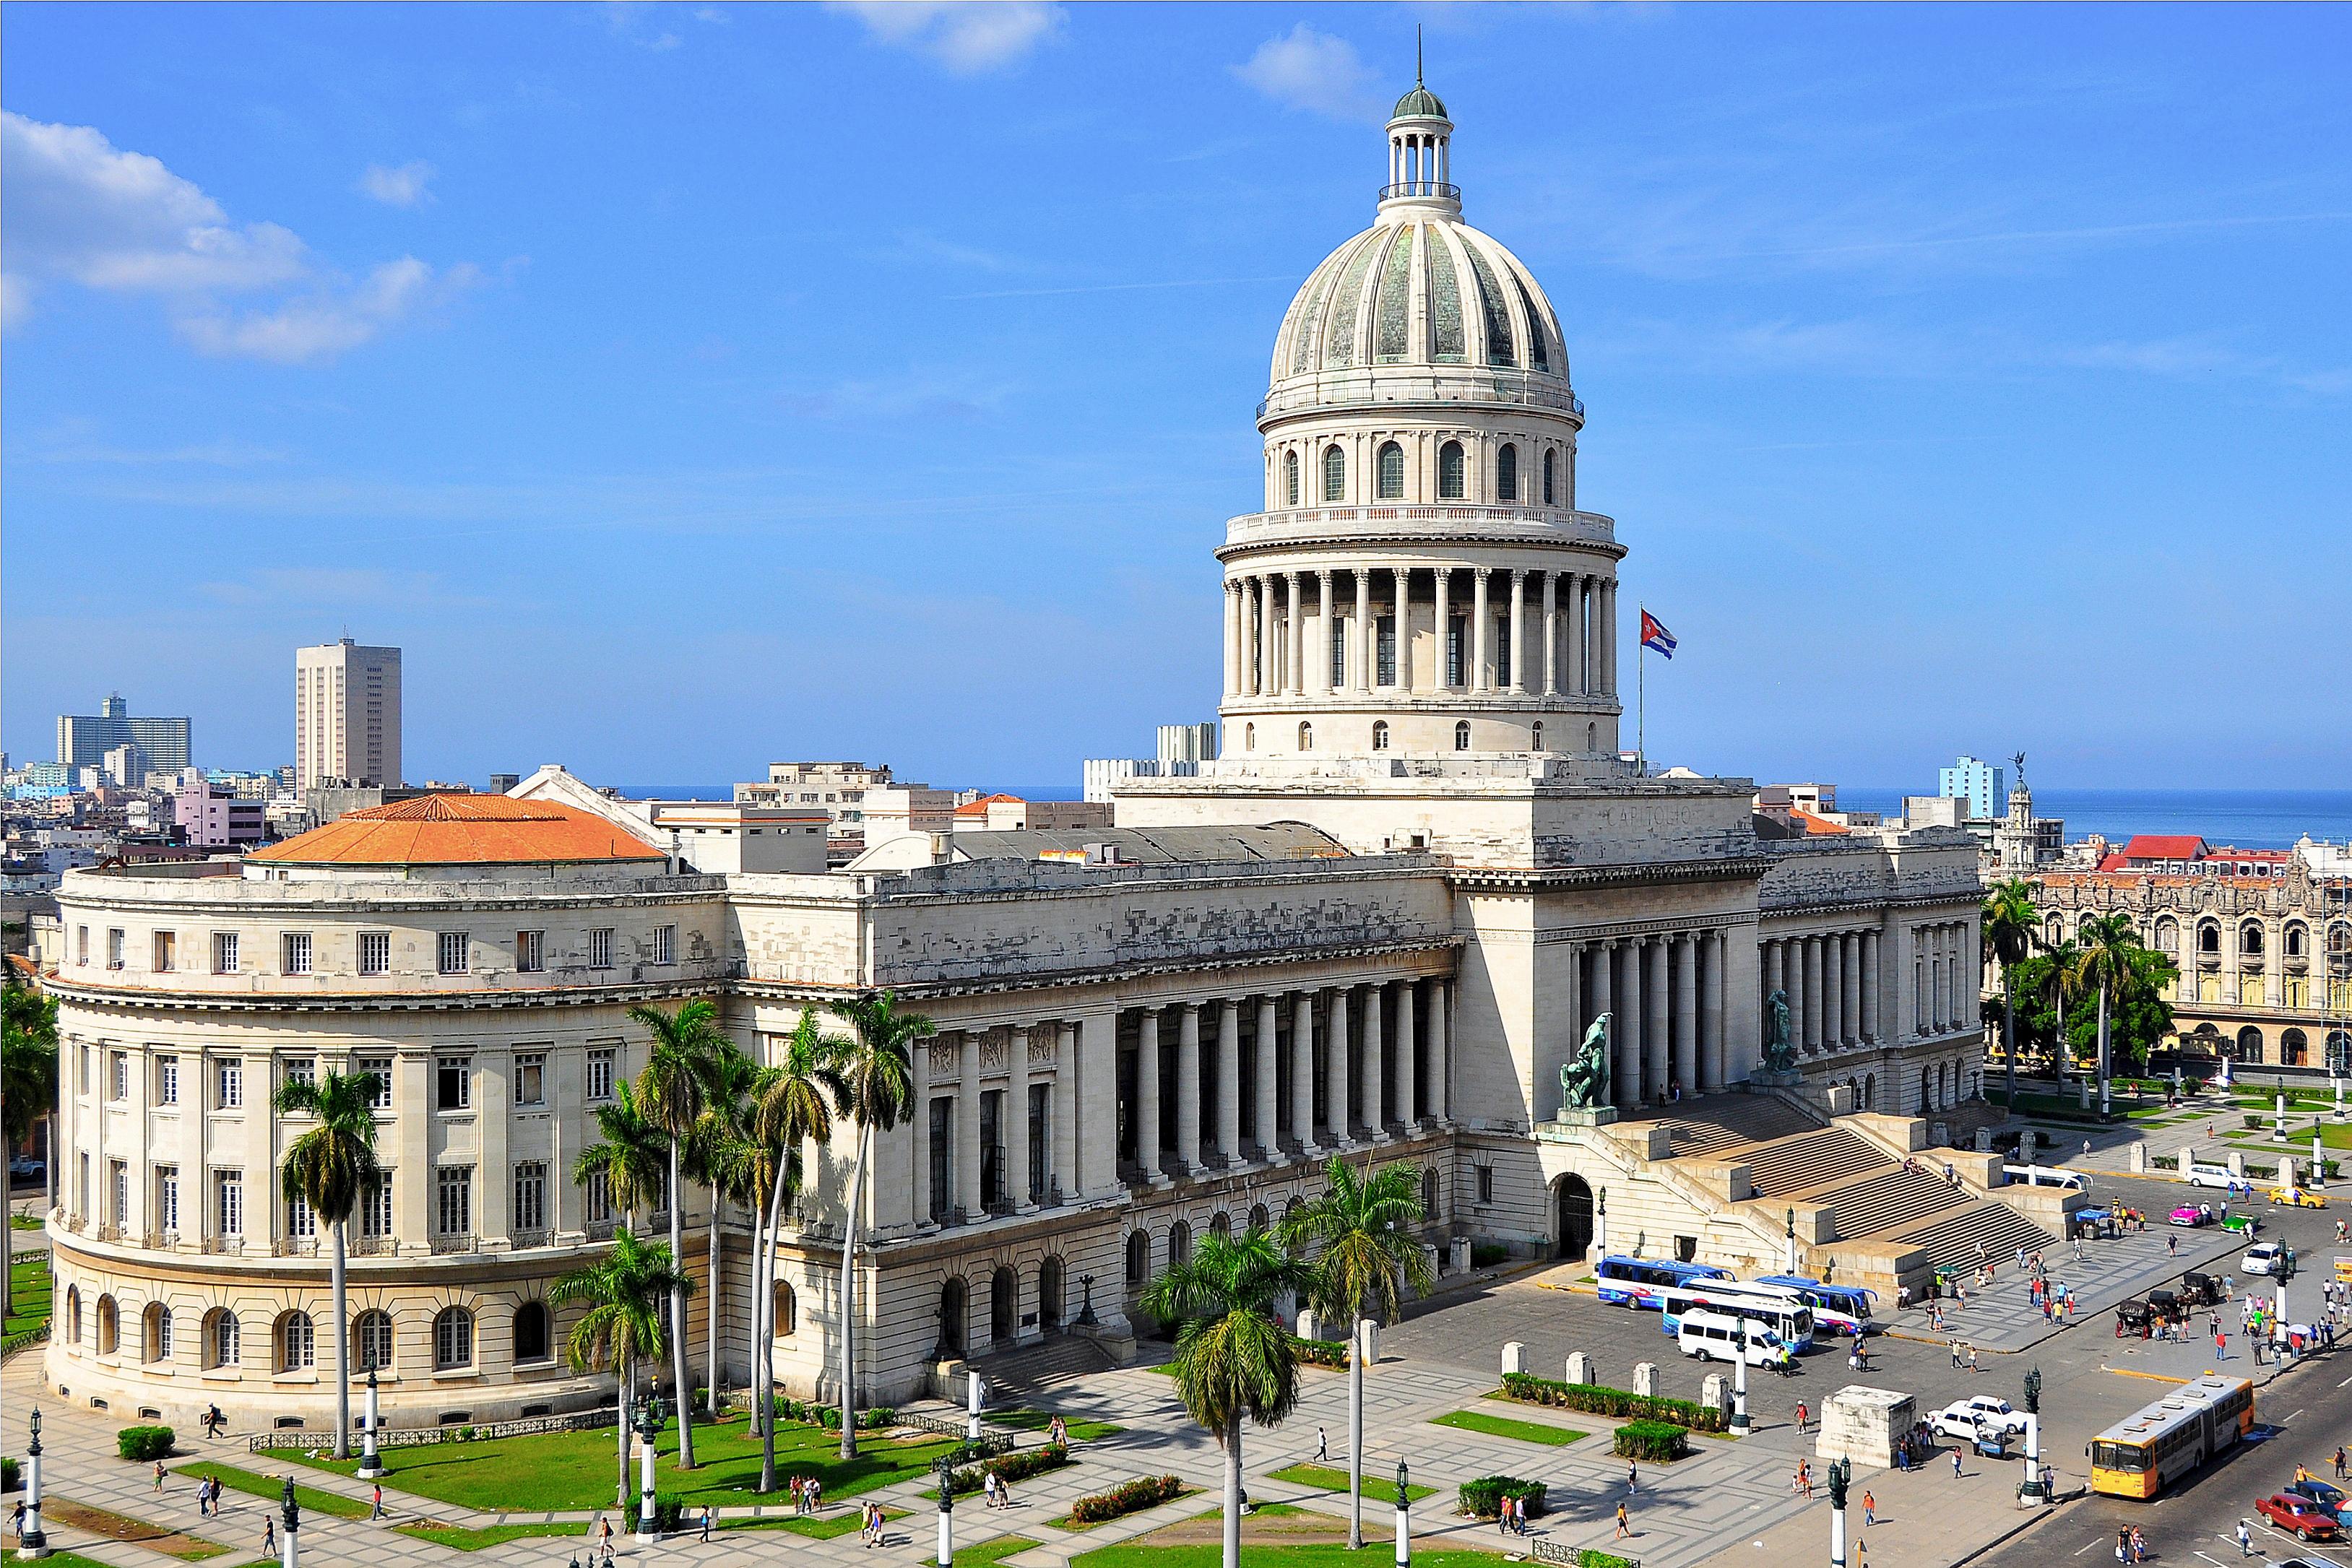 Image of the El Capitolio in Cuba.